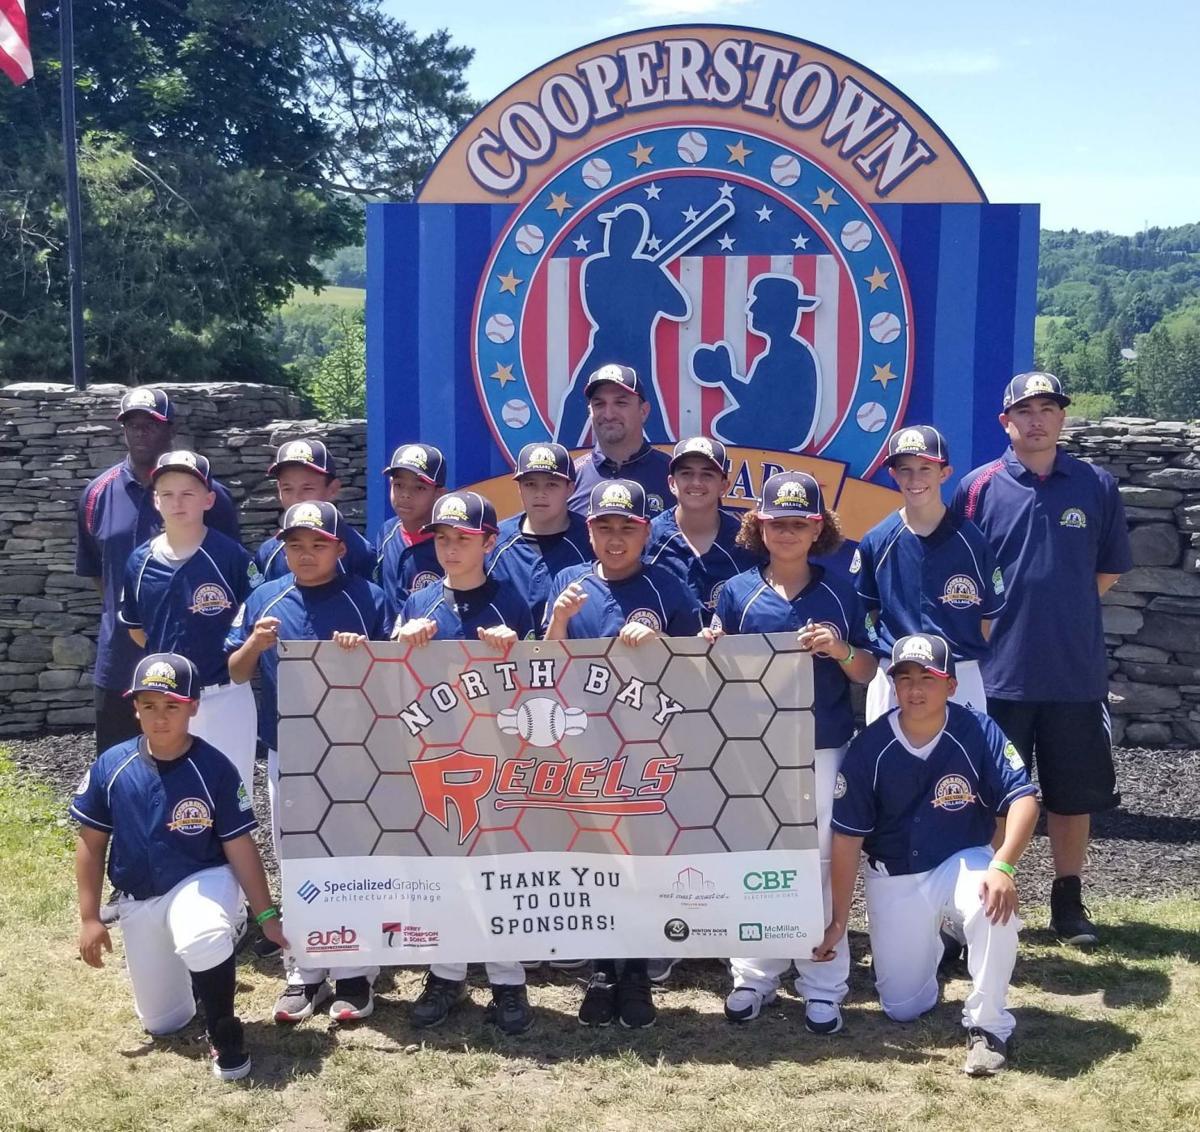 American Canyon/North Bay Rebels 12-and-under baseball team